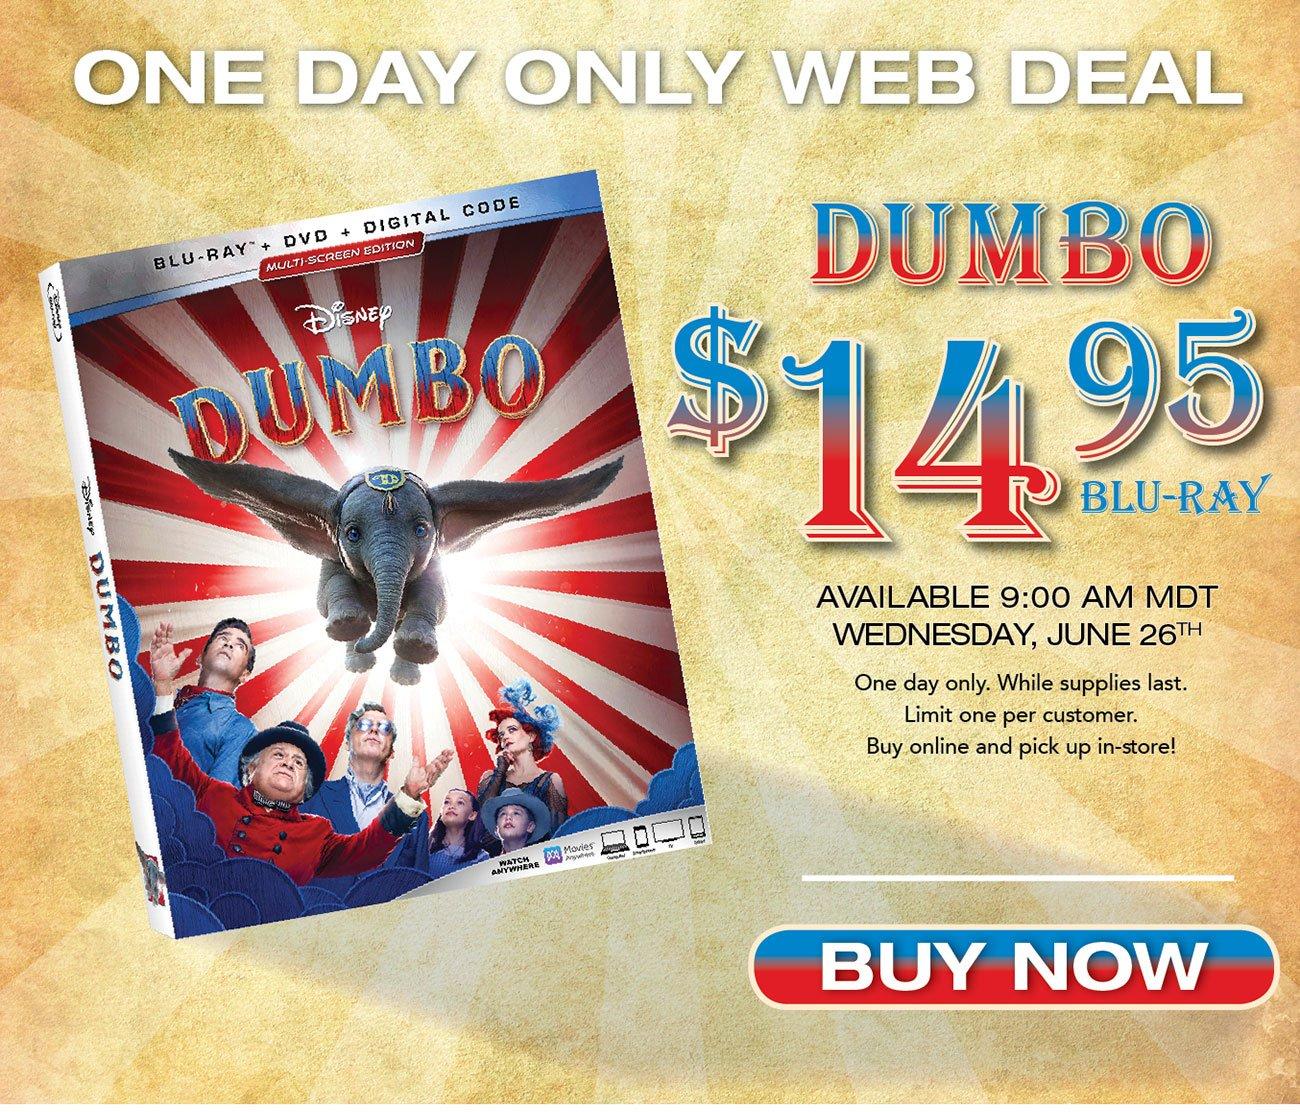 Dumbo-Blu-ray